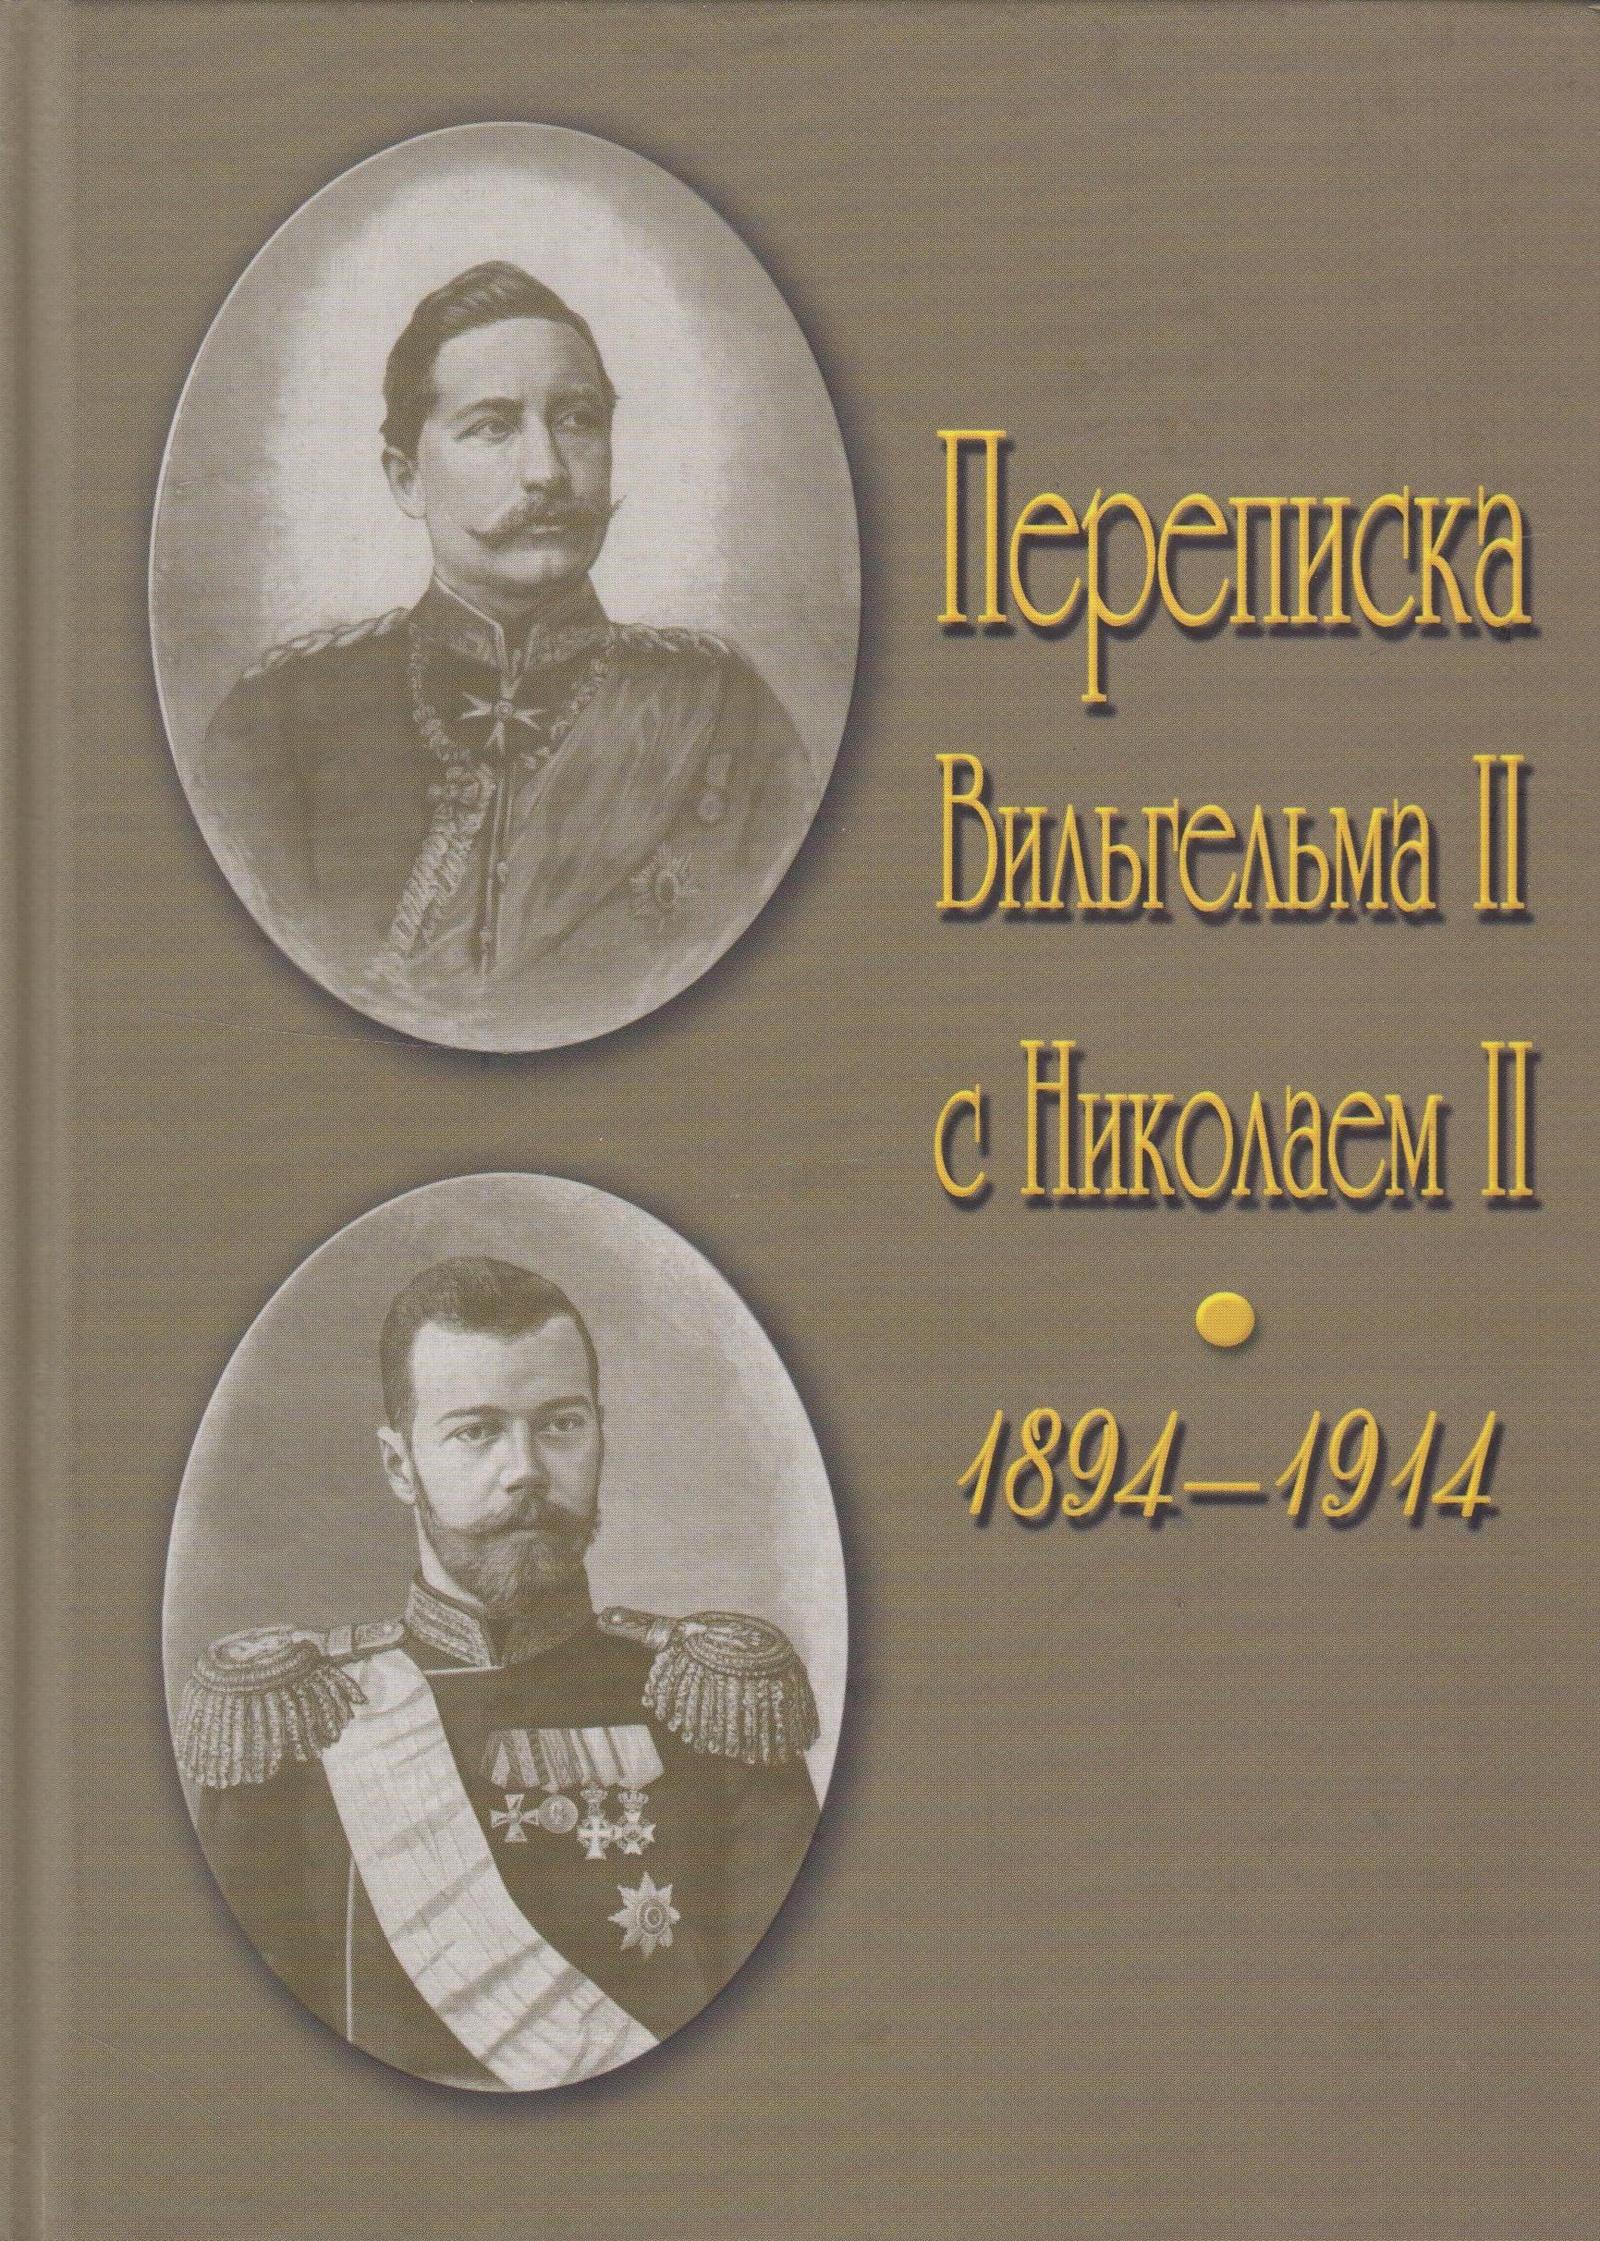 Переписка Вильгельма II с Николаем II. 1894-1914